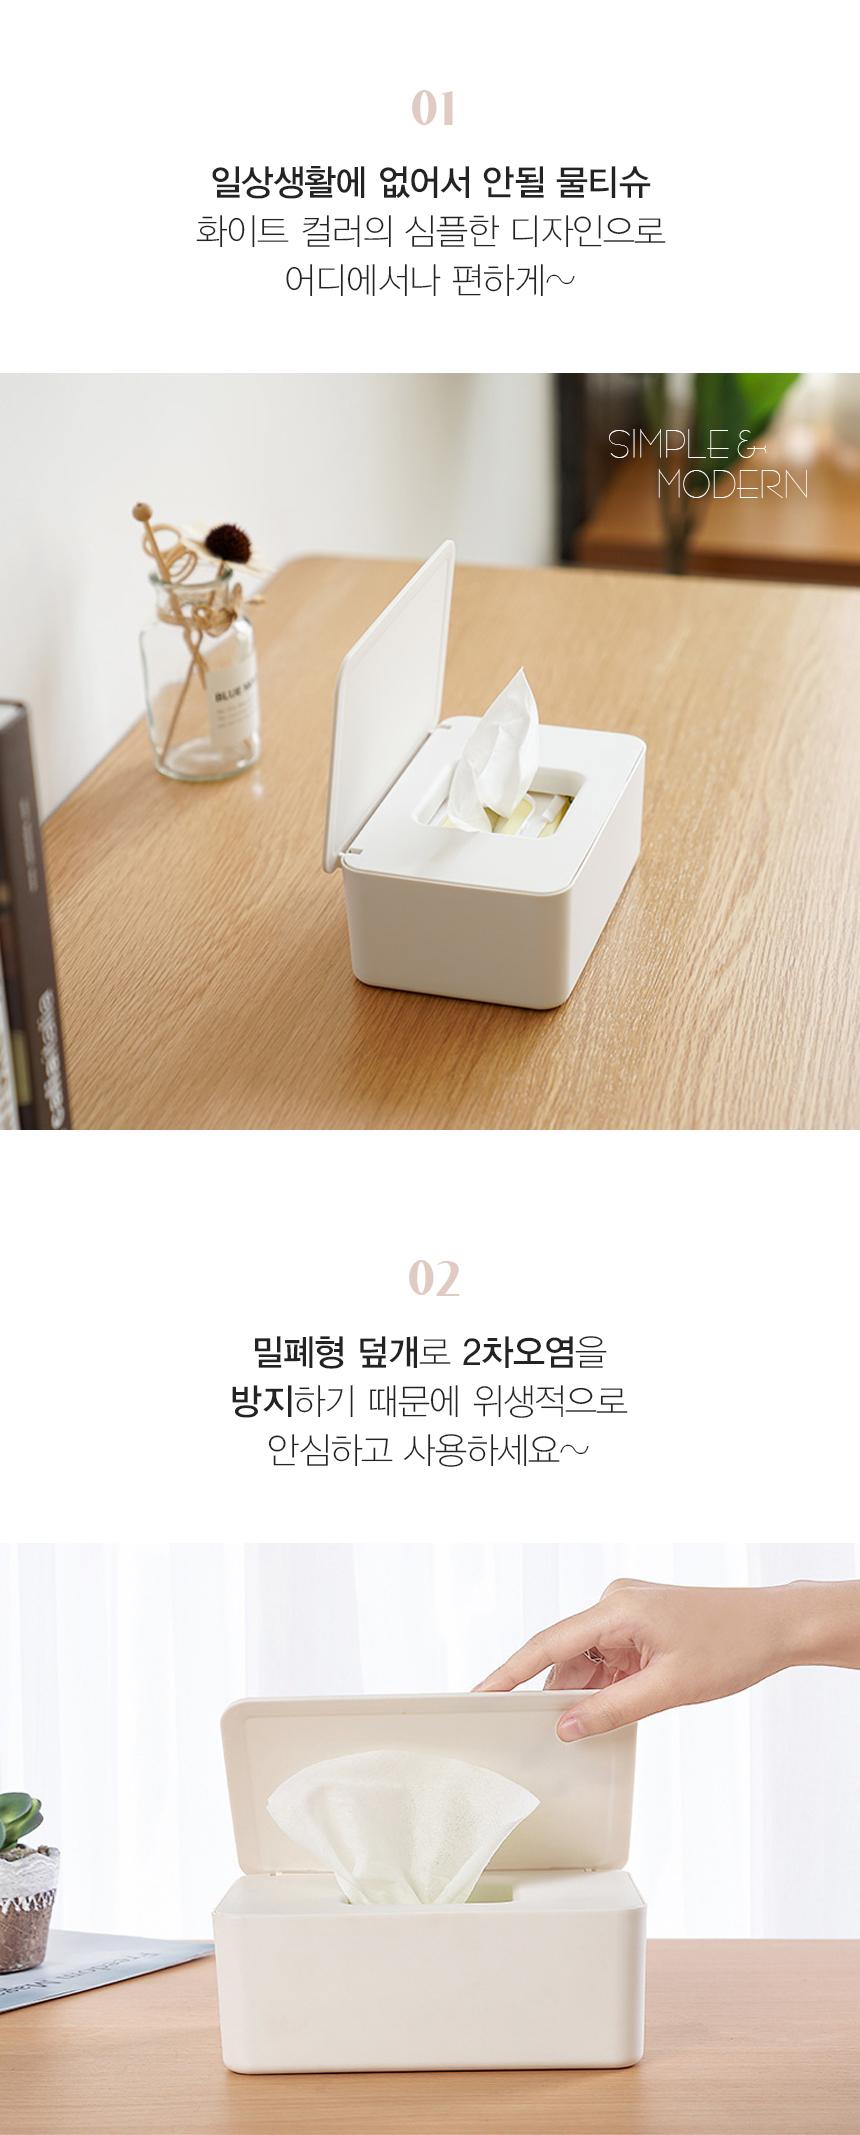 물티슈 케이스 커버 디스펜서 - 구디푸디, 4,500원, 생활잡화, 생활소모품